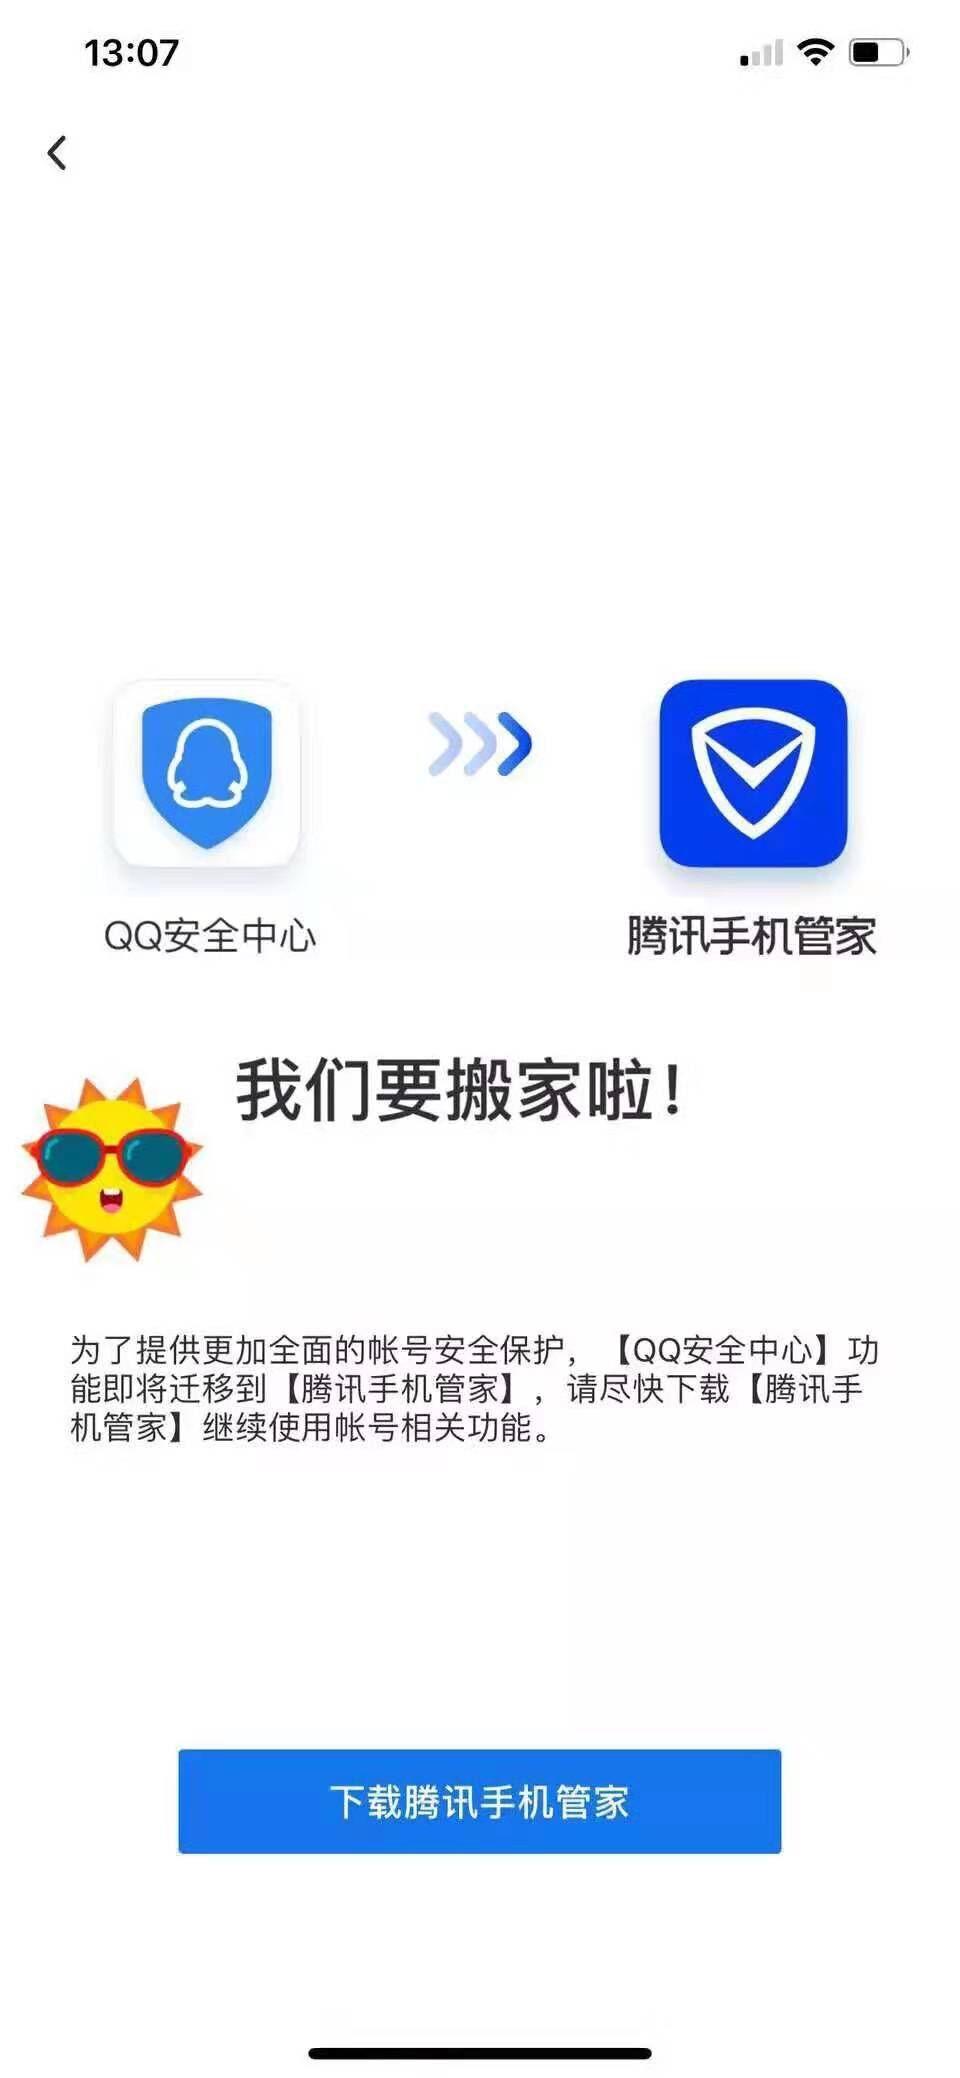 """QQ安全中心APP""""搬家""""是怎么回事?官方:即将迁移到腾讯手机管家"""